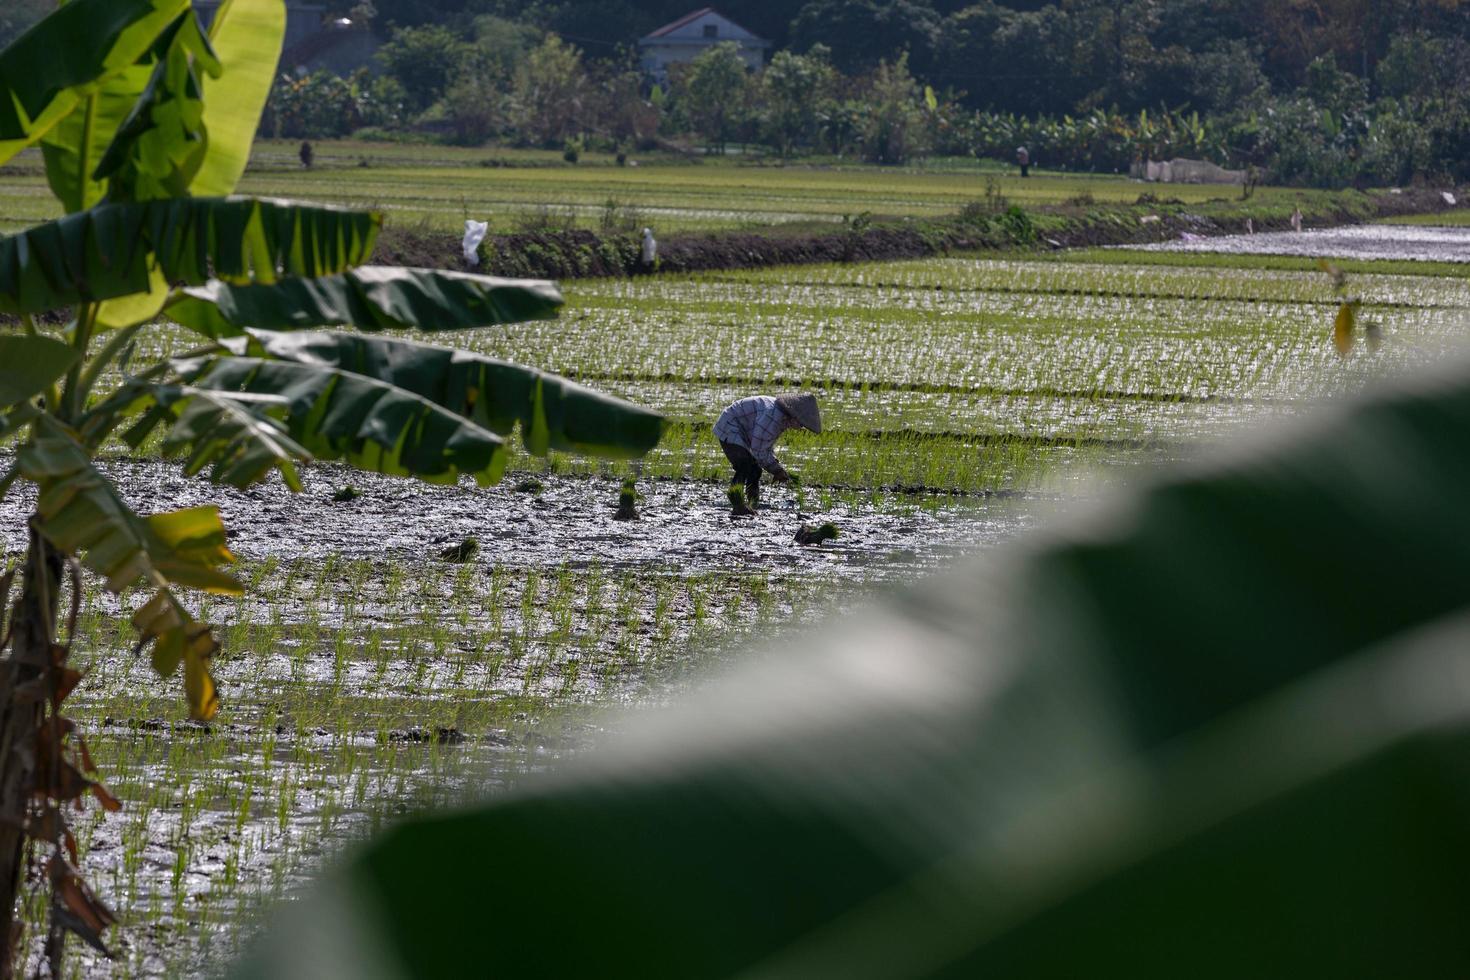 thanh pho ninh binh, vietnam, 2017- een vrouw die rijst plant in een veld foto